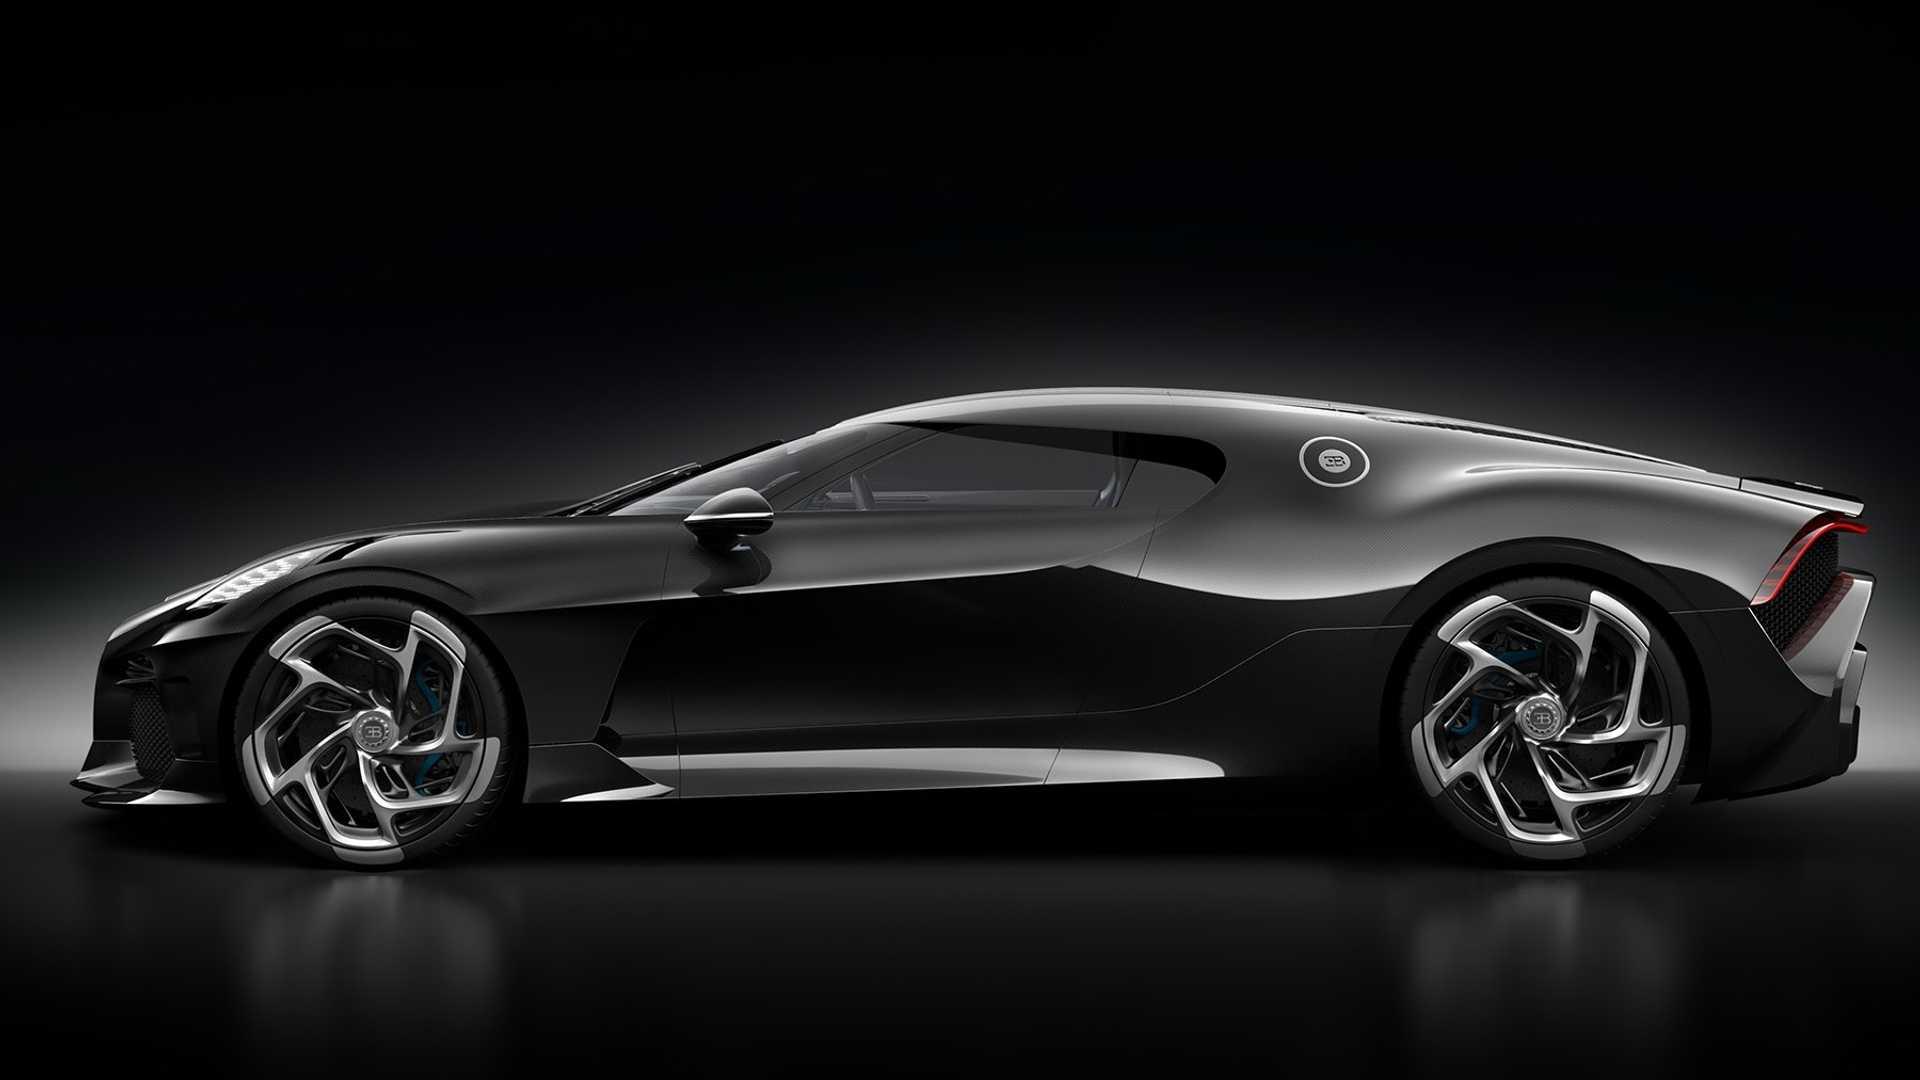 bugatti-la-voiture-noire (6)